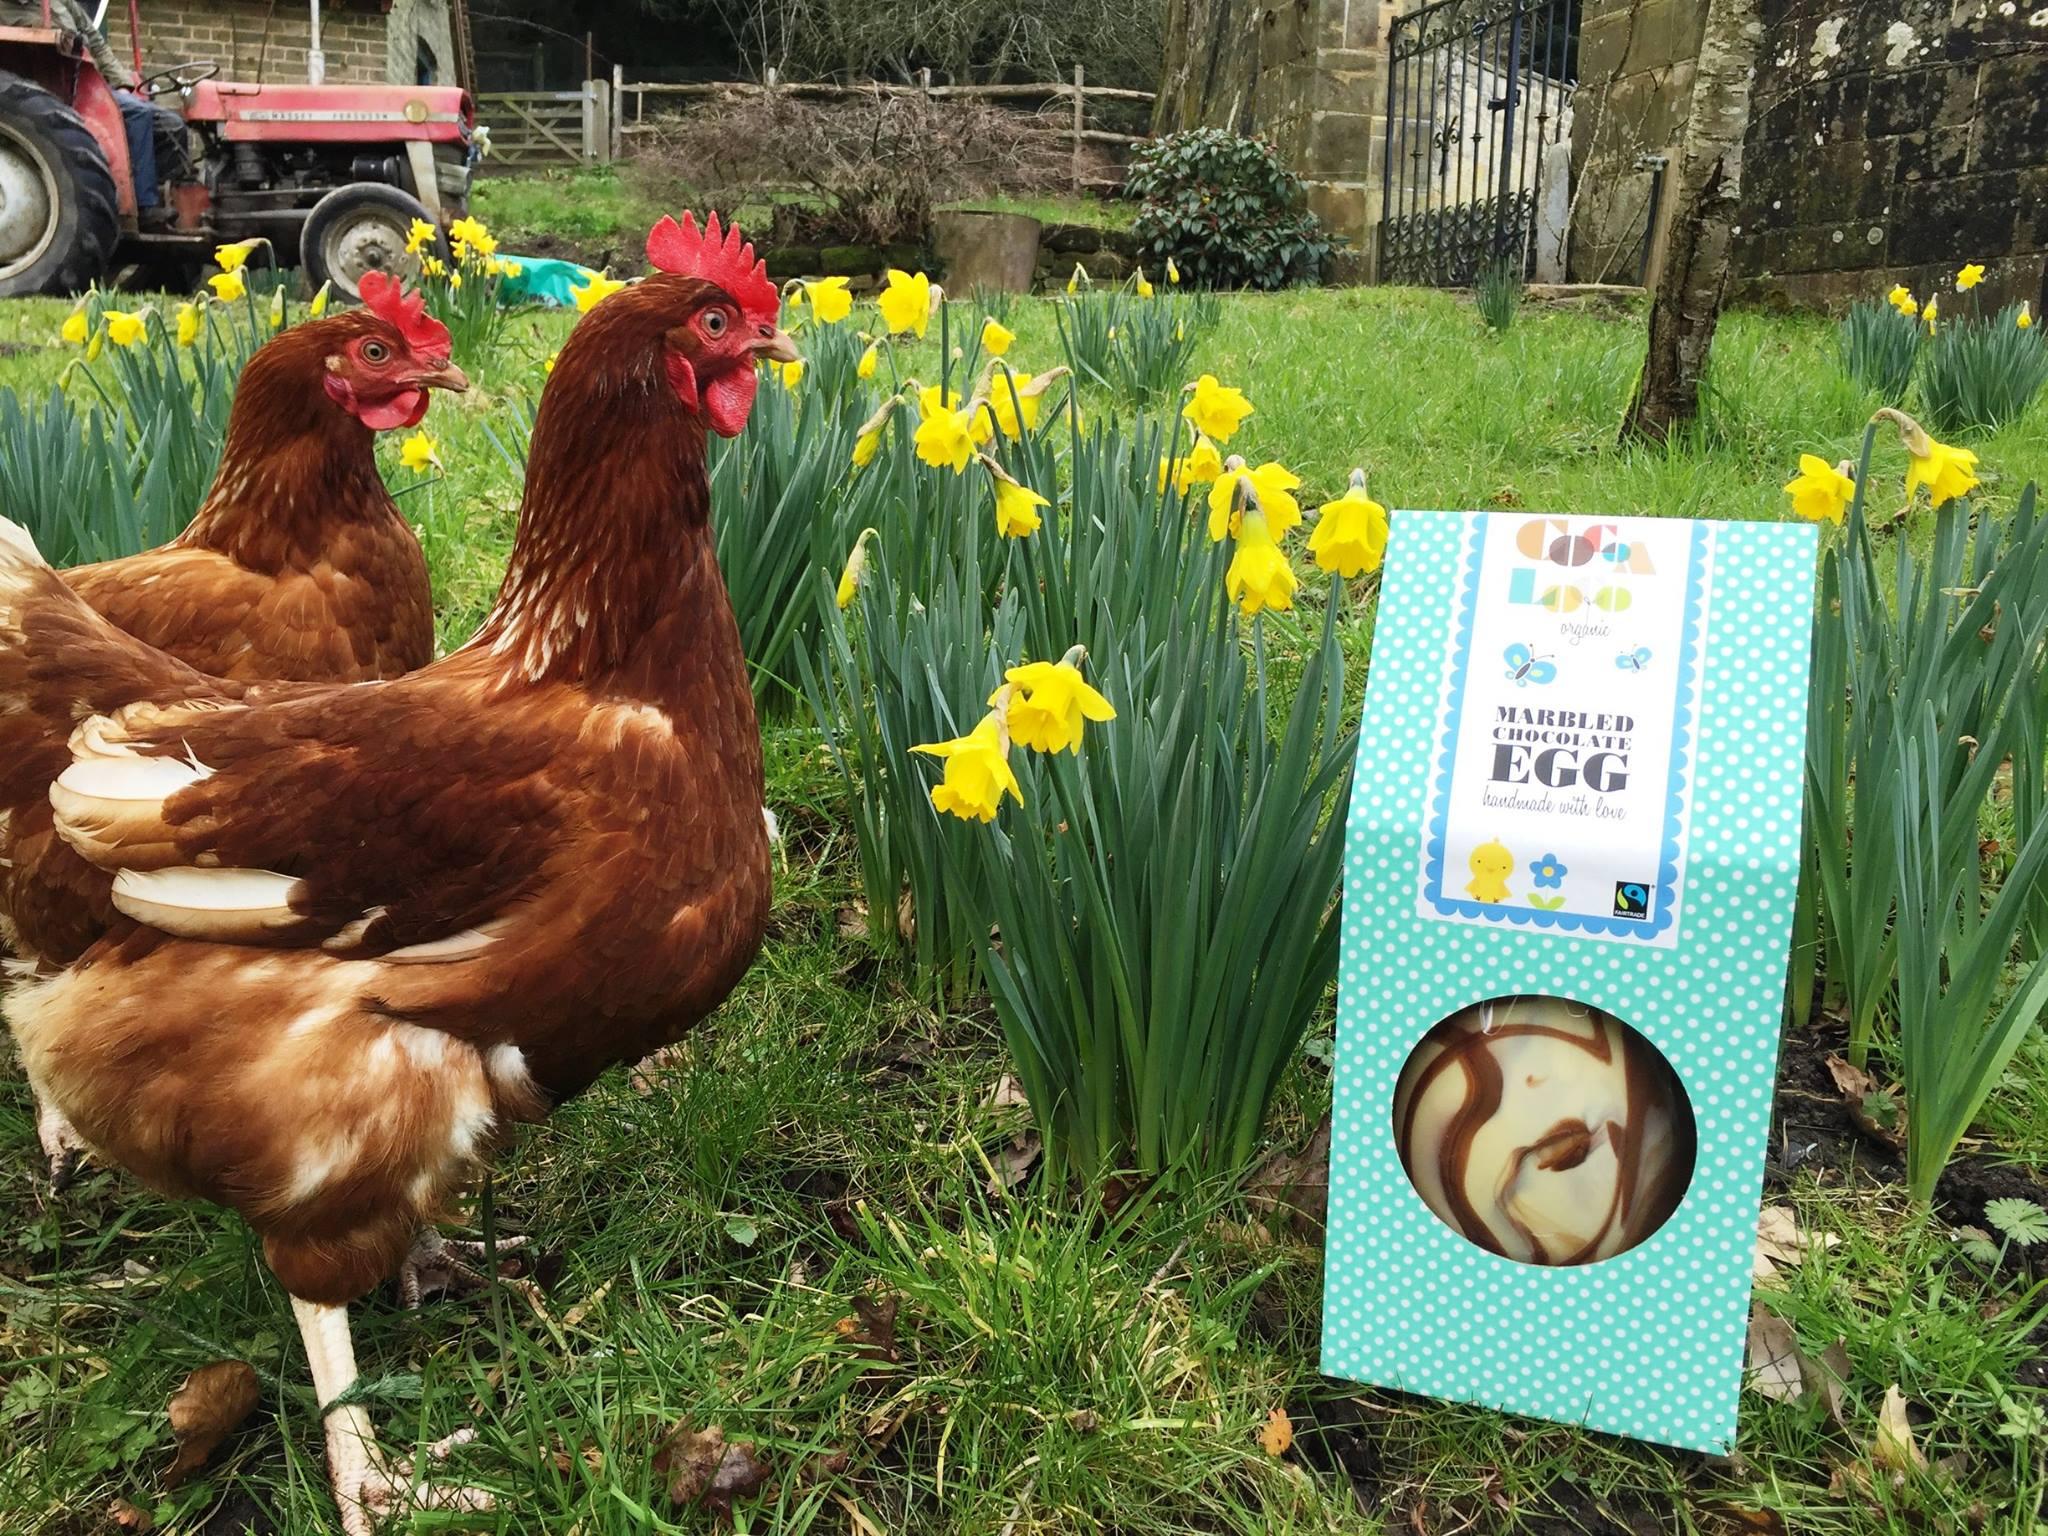 Hens at Gravetye Manor